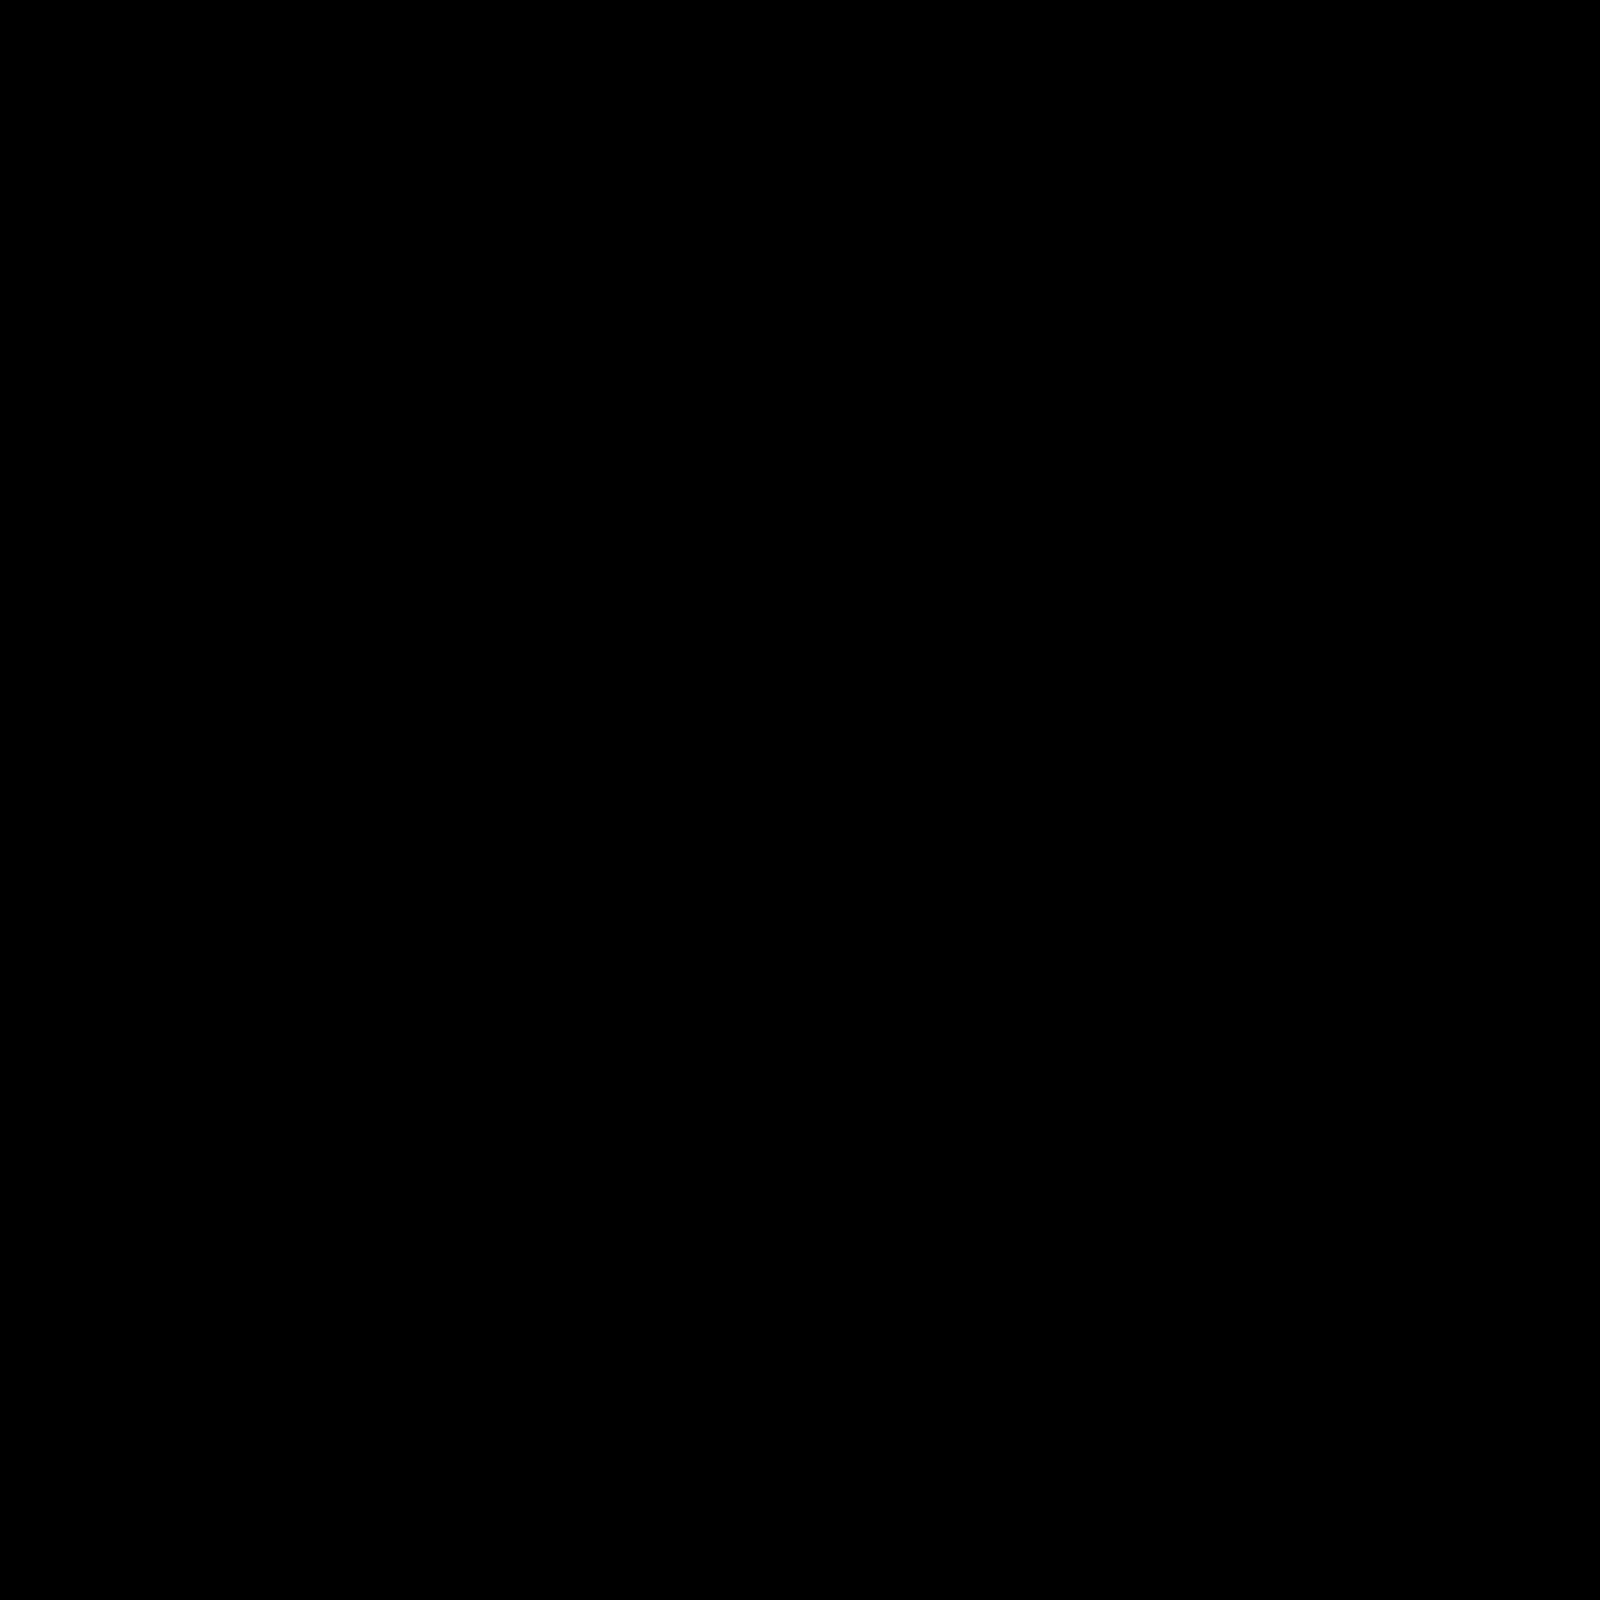 обручальное кольцо Icon Free Download Png And Vector